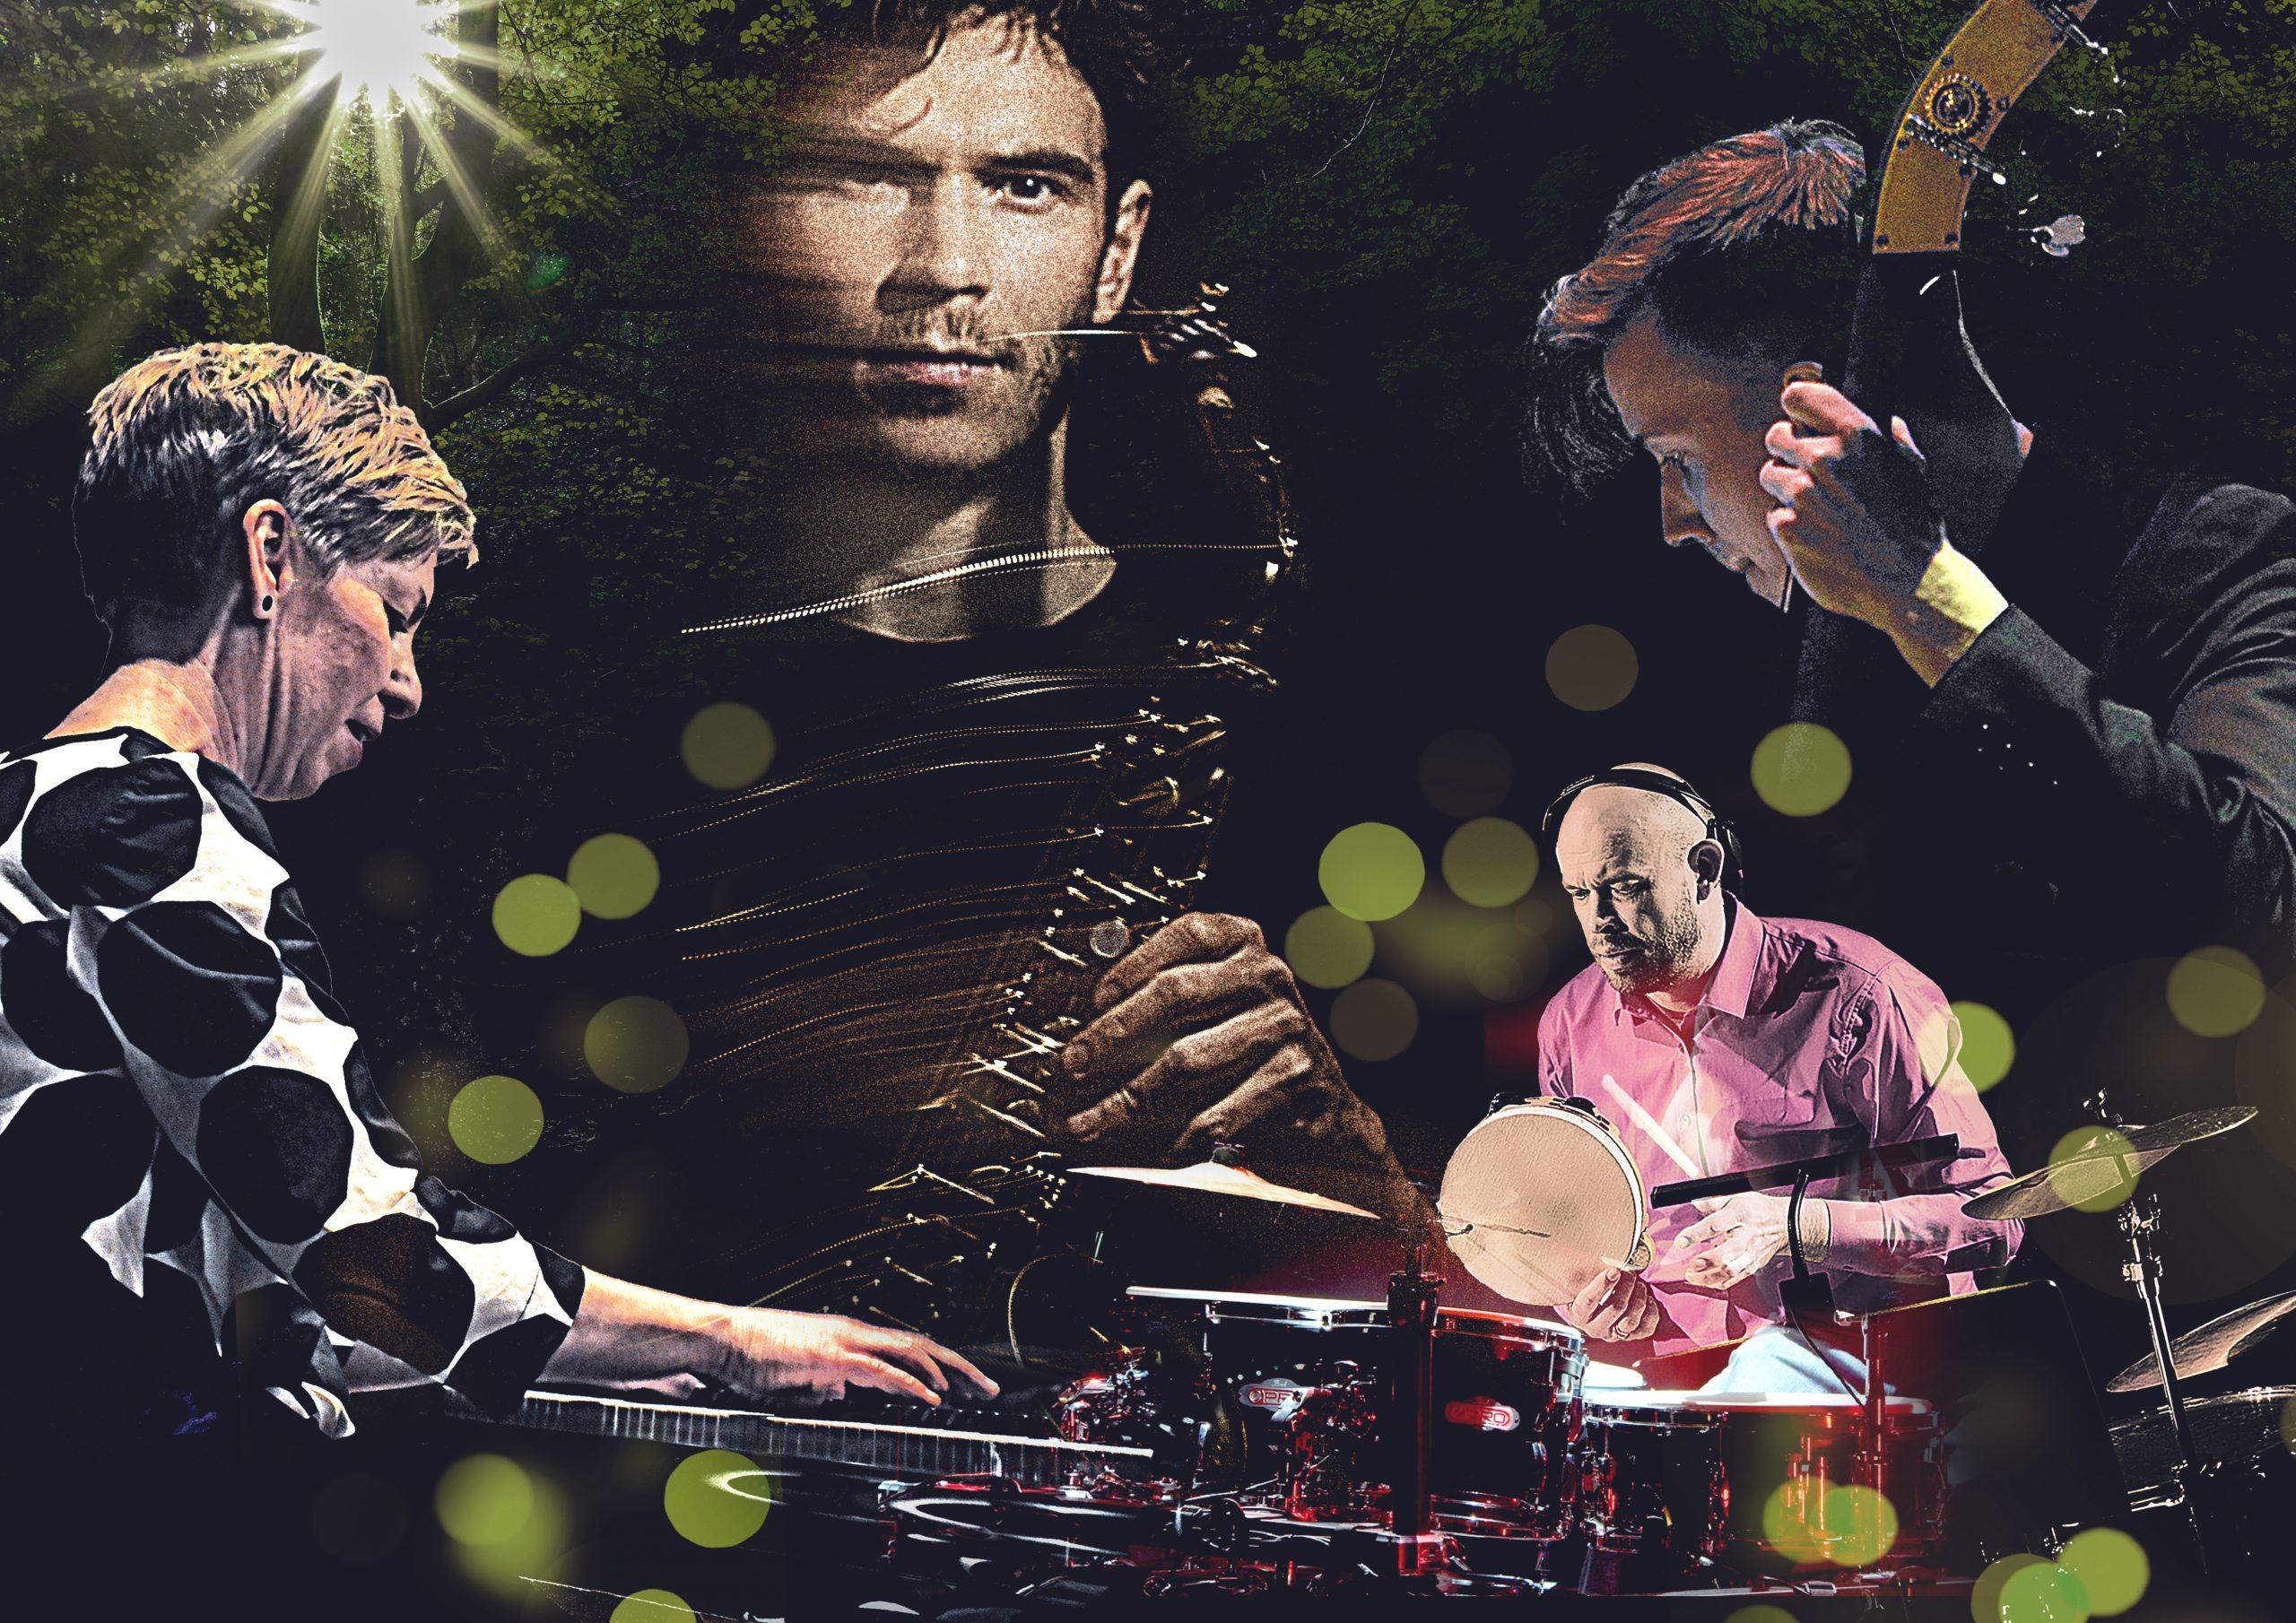 Kuvassa Riitta Paakki soittaa piano, Maxilla saksofoni kädessä, Mikko soittaa rumpuja ja Antti kontrabassoa.